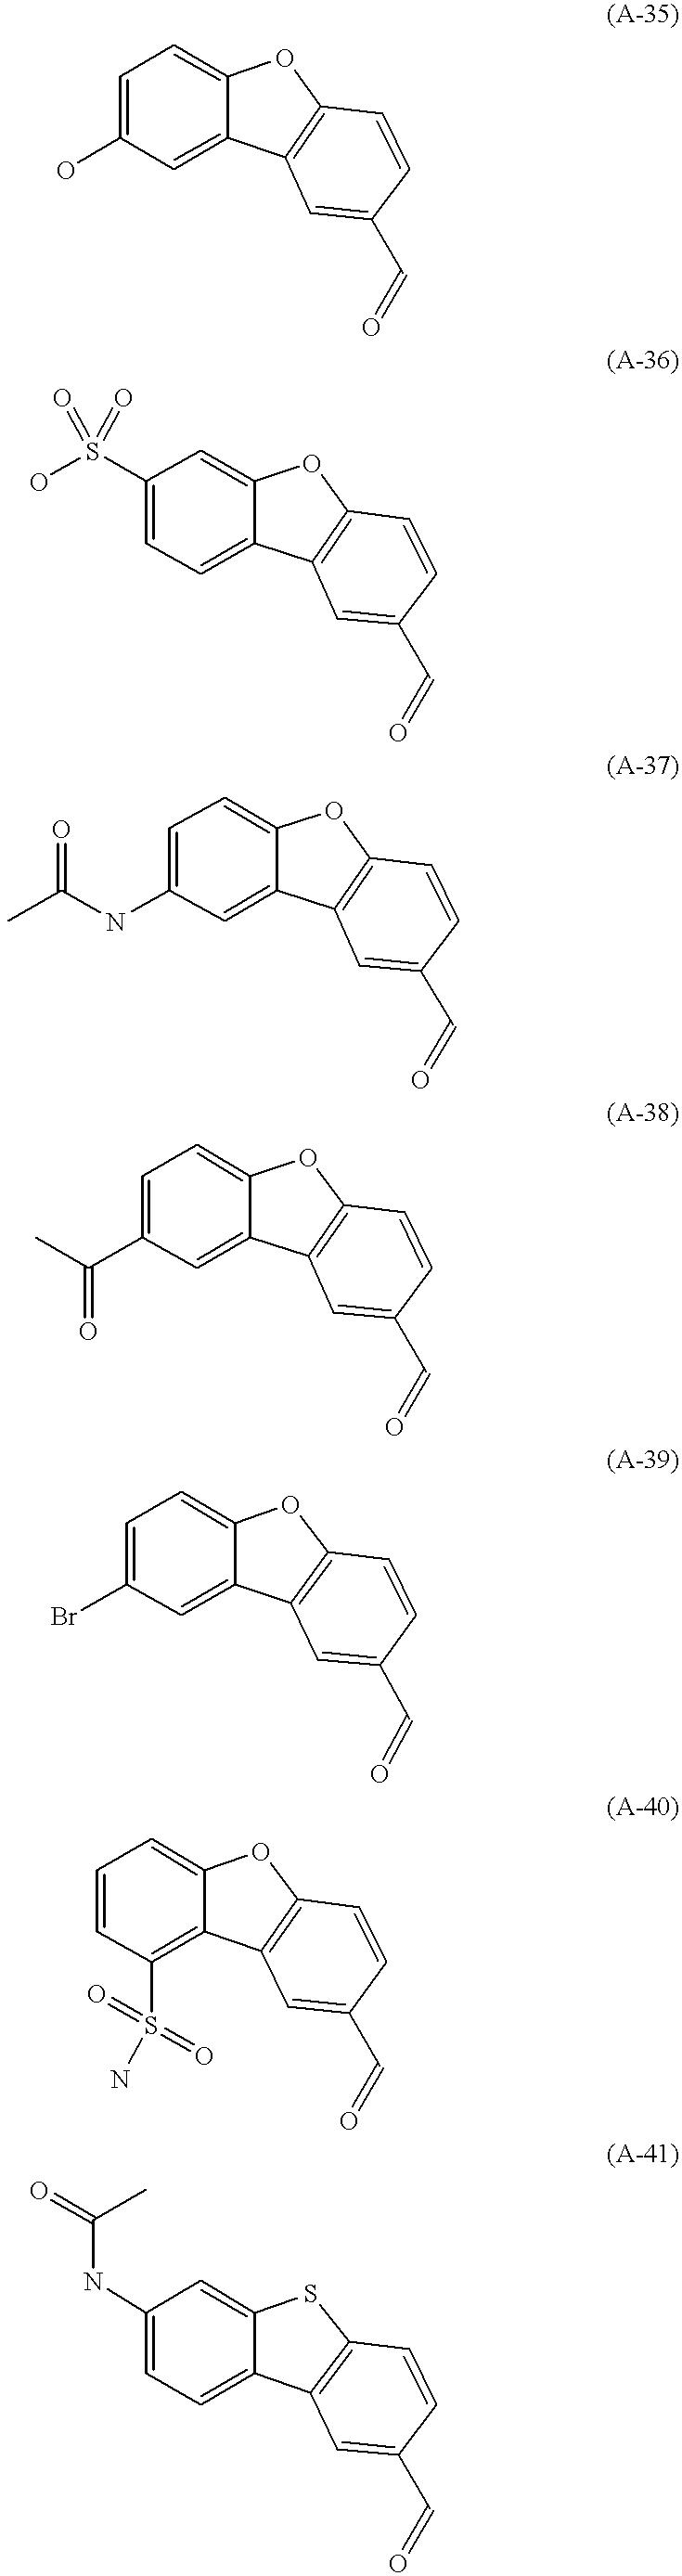 Figure US06514981-20030204-C00019